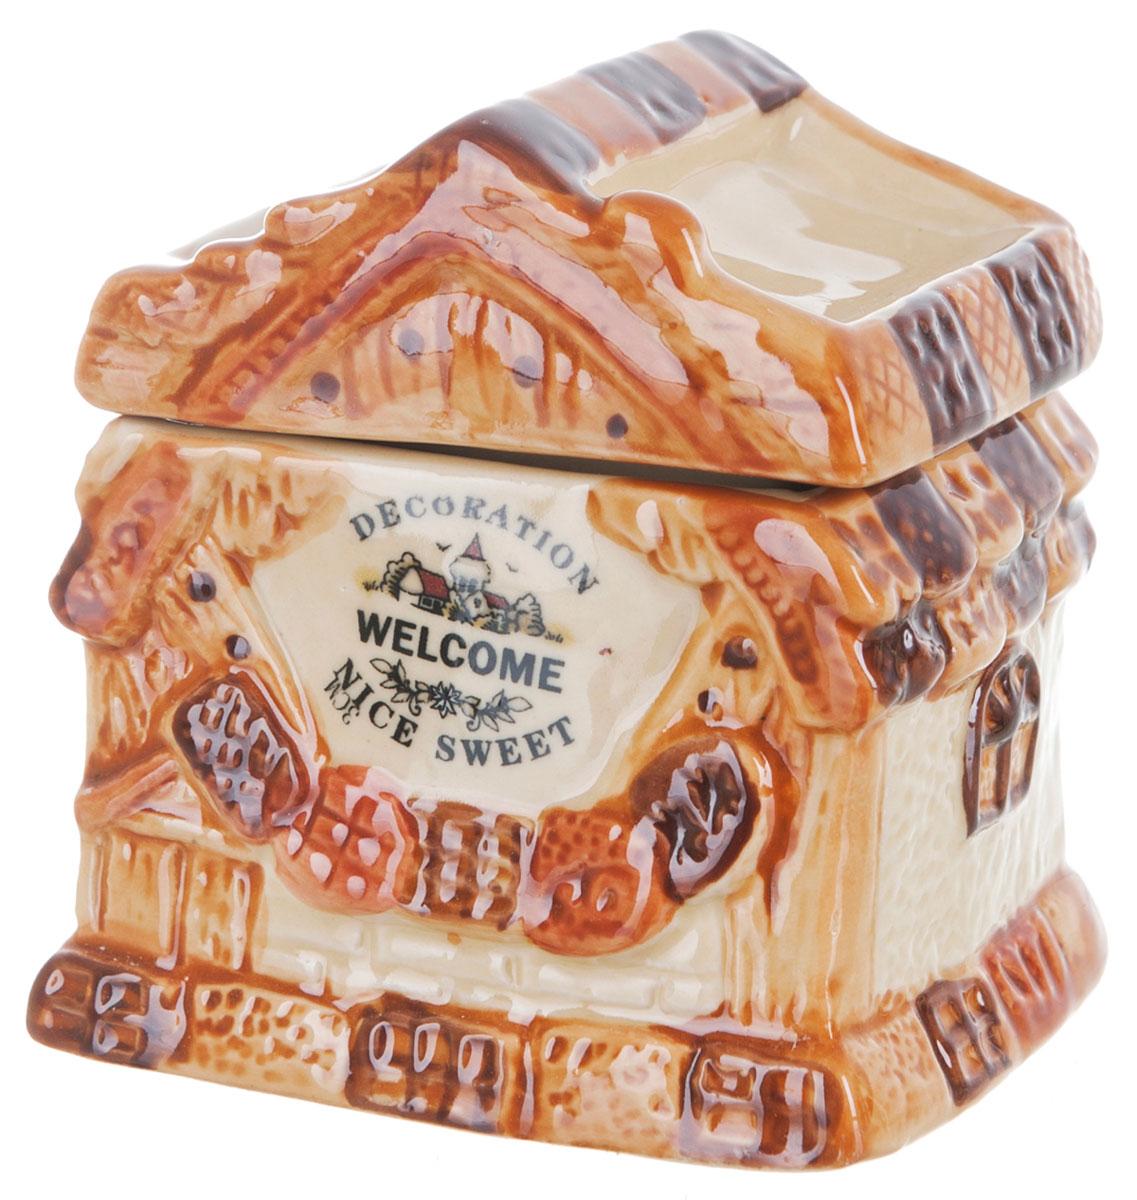 Банка для сыпучих продуктов ENS Group Дом, милый дом, 250 мл0790052Банка для сыпучих продуктовENS Group Дом, милый дом, изготовлена из высококачественной керамики. Изделие оформлено красочным изображением. Банка прекрасно подойдет для хранения различных сыпучих продуктов: чая, кофе, сахара, круп и многого другого. Изящная емкость не только поможет хранить разнообразные сыпучие продукты, но и стильно дополнит интерьер кухни. Можно использовать в посудомоечной машине.